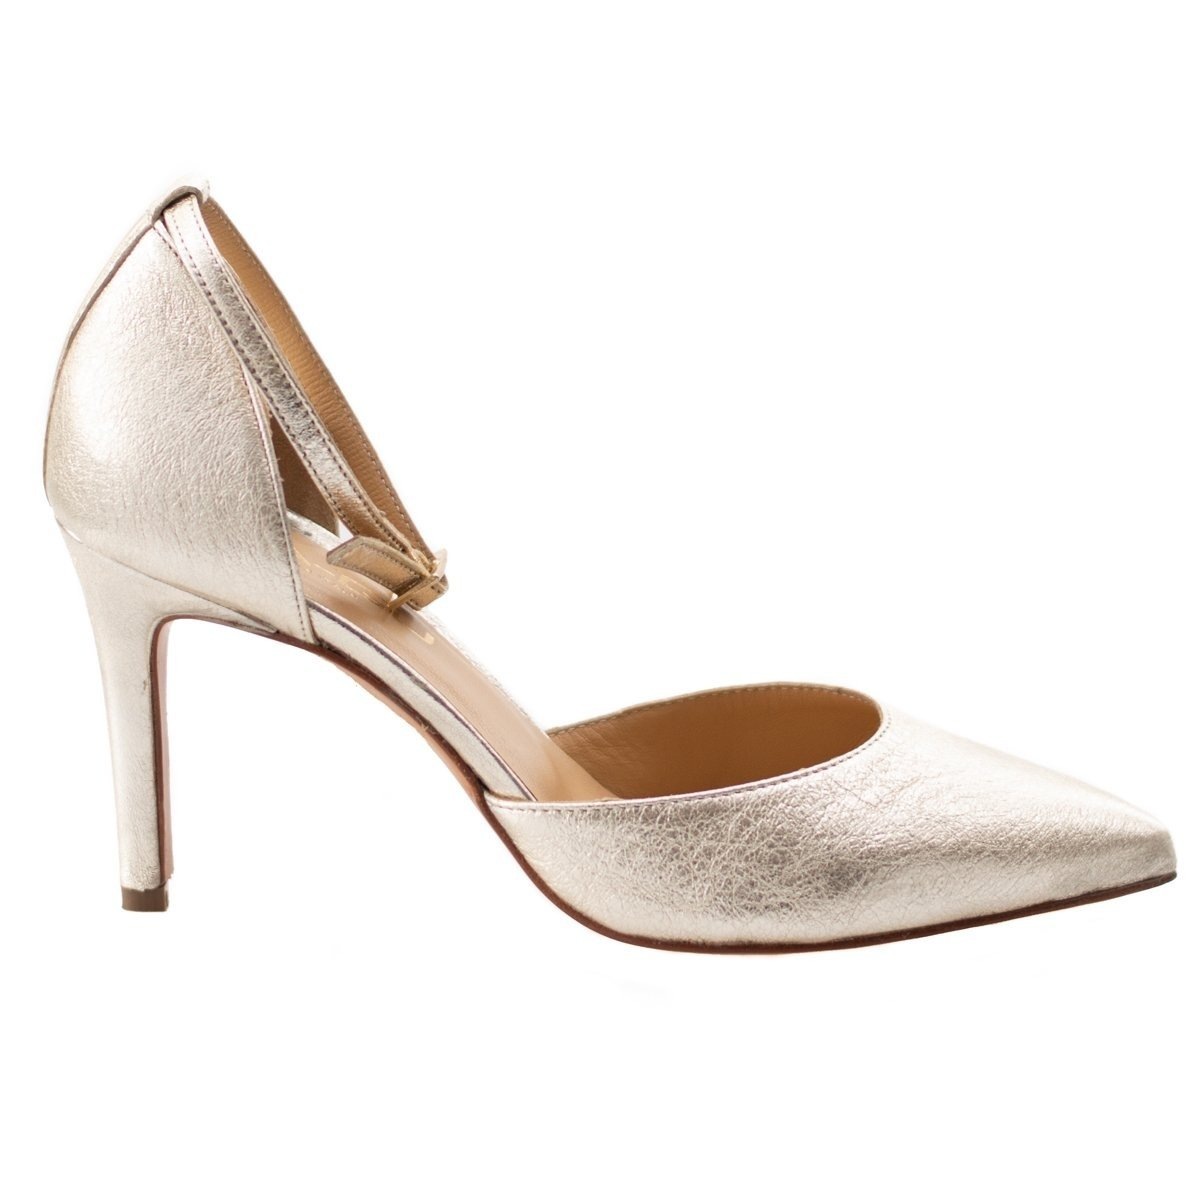 Pantofi din piele naturala, Lea-Gu, Nude, model stiletto